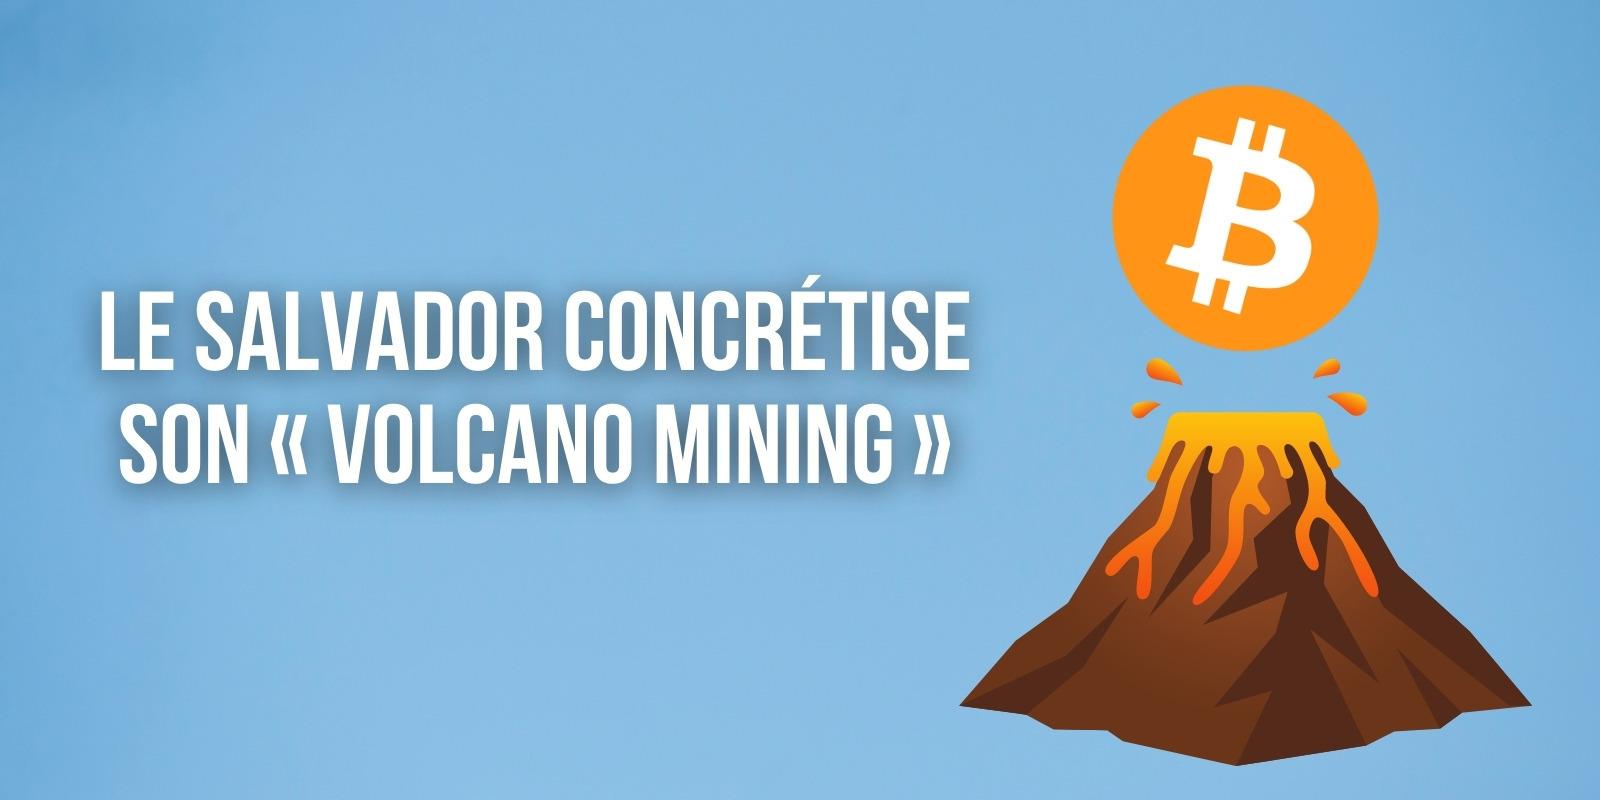 Le Salvador concrétise son idée de miner du Bitcoin (BTC) avec l'énergie des volcans